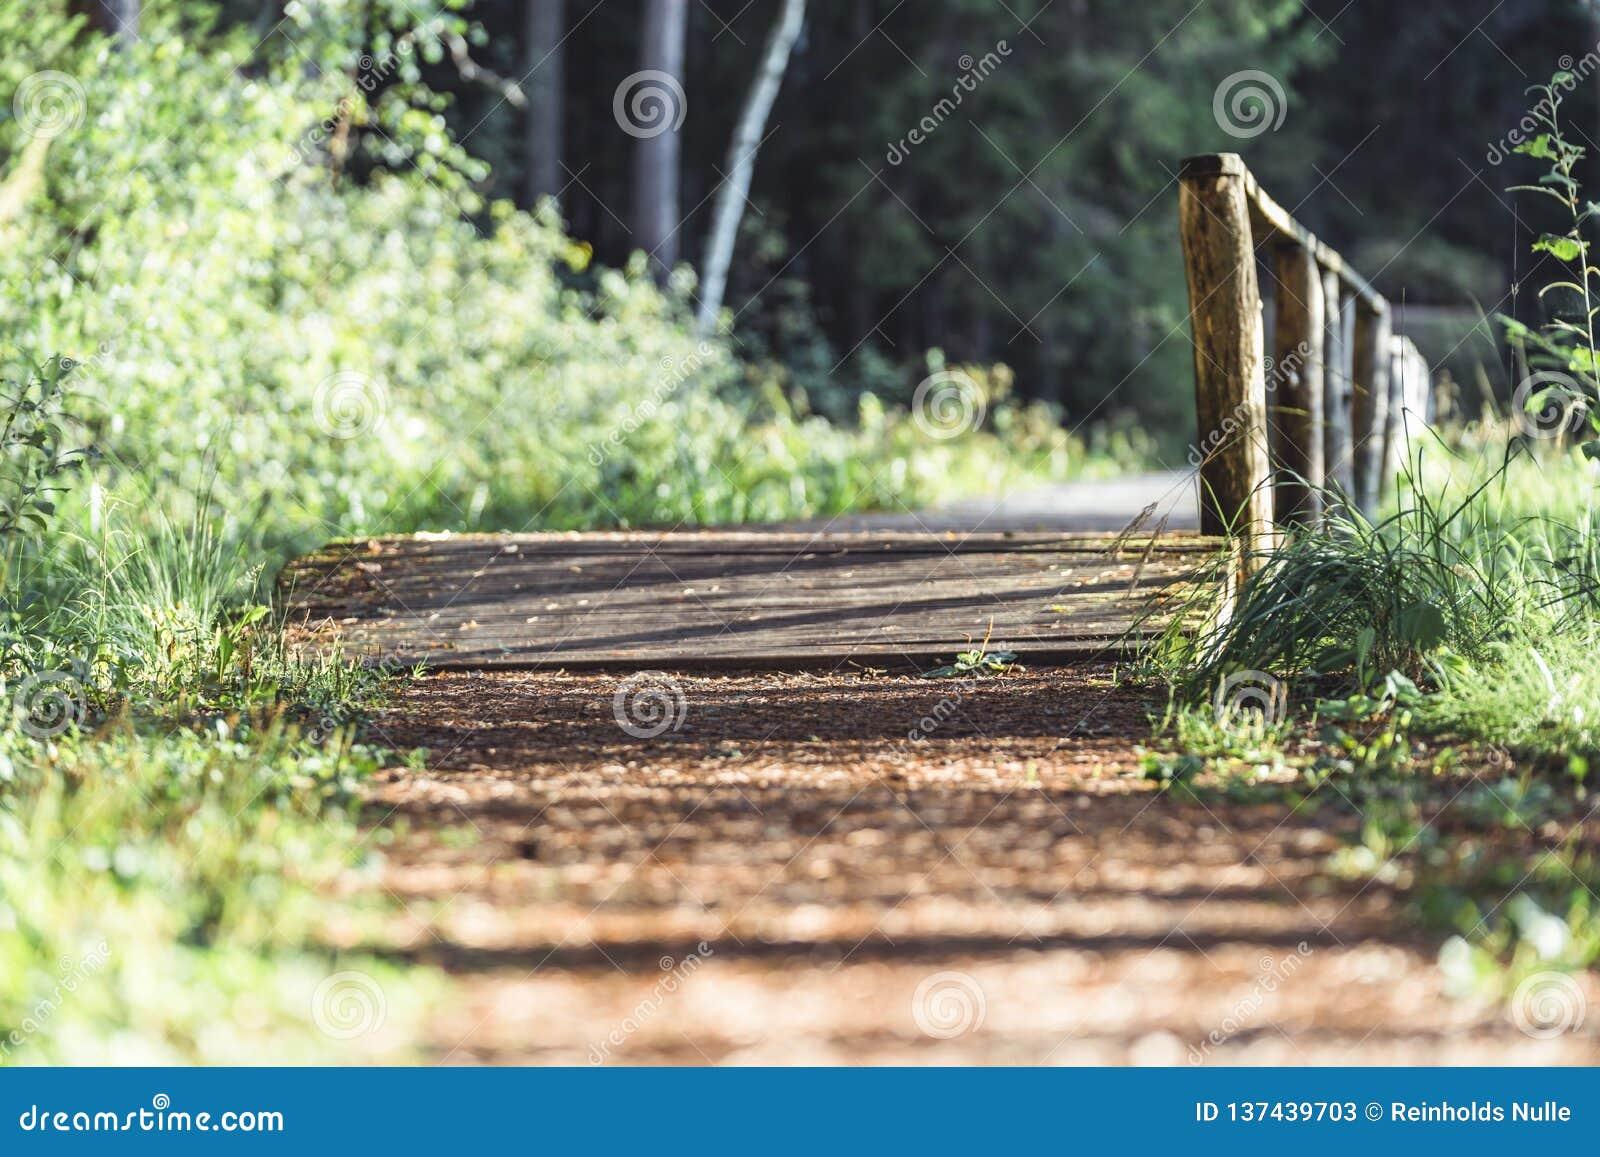 森林公路的看法,朝向更深在森林在晴朗的夏日,与自由空间的部分模糊的照片文本的